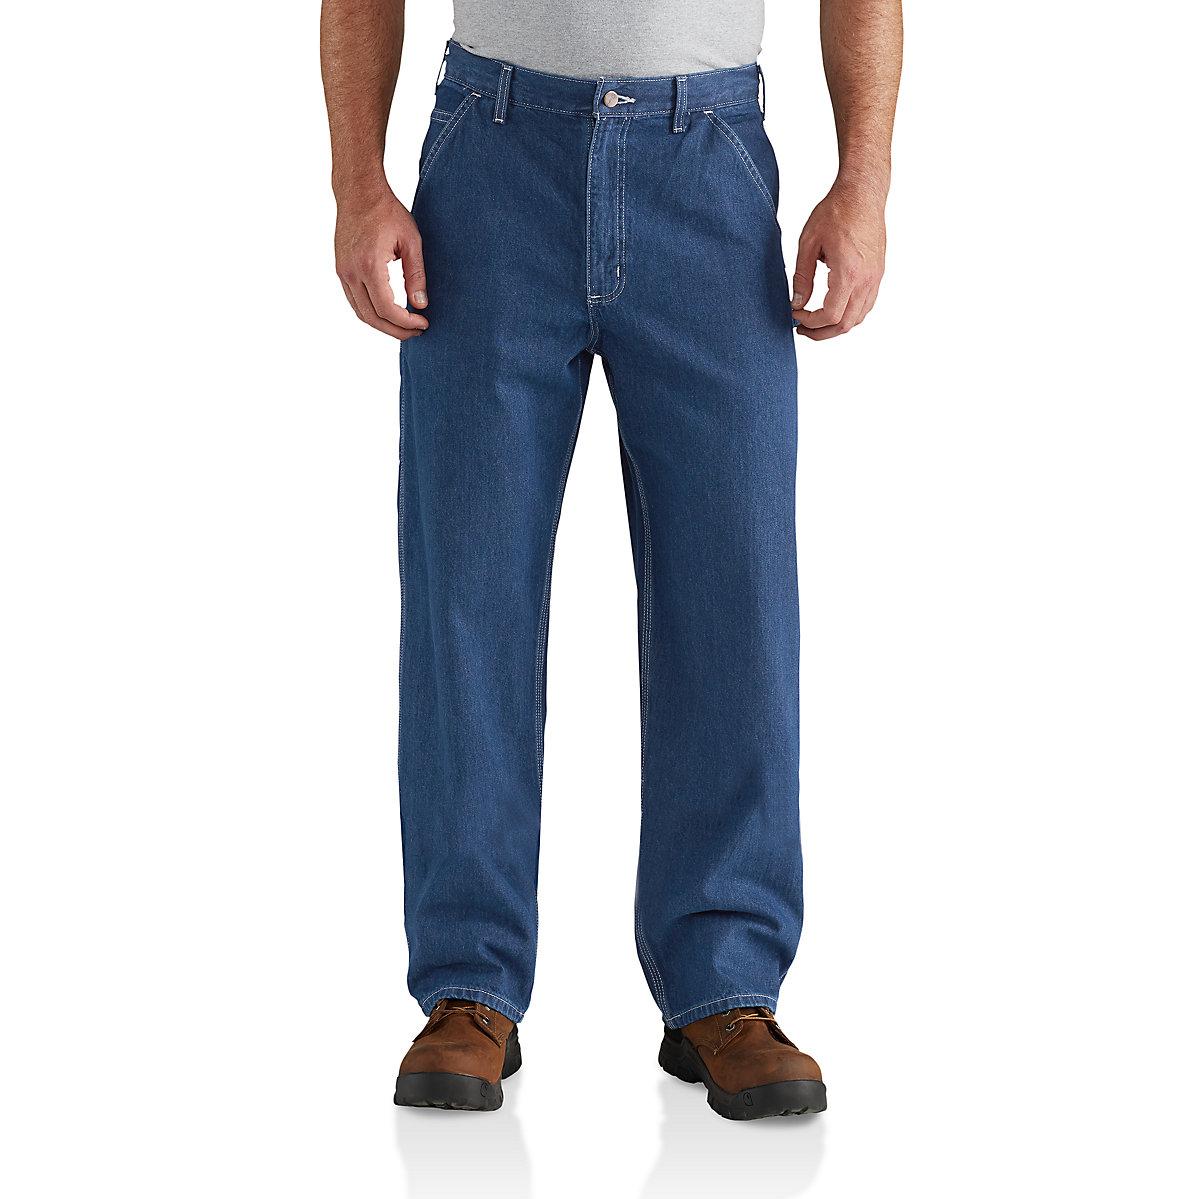 Men's Loose / Original-Fit Work Jean B13 | Carhartt